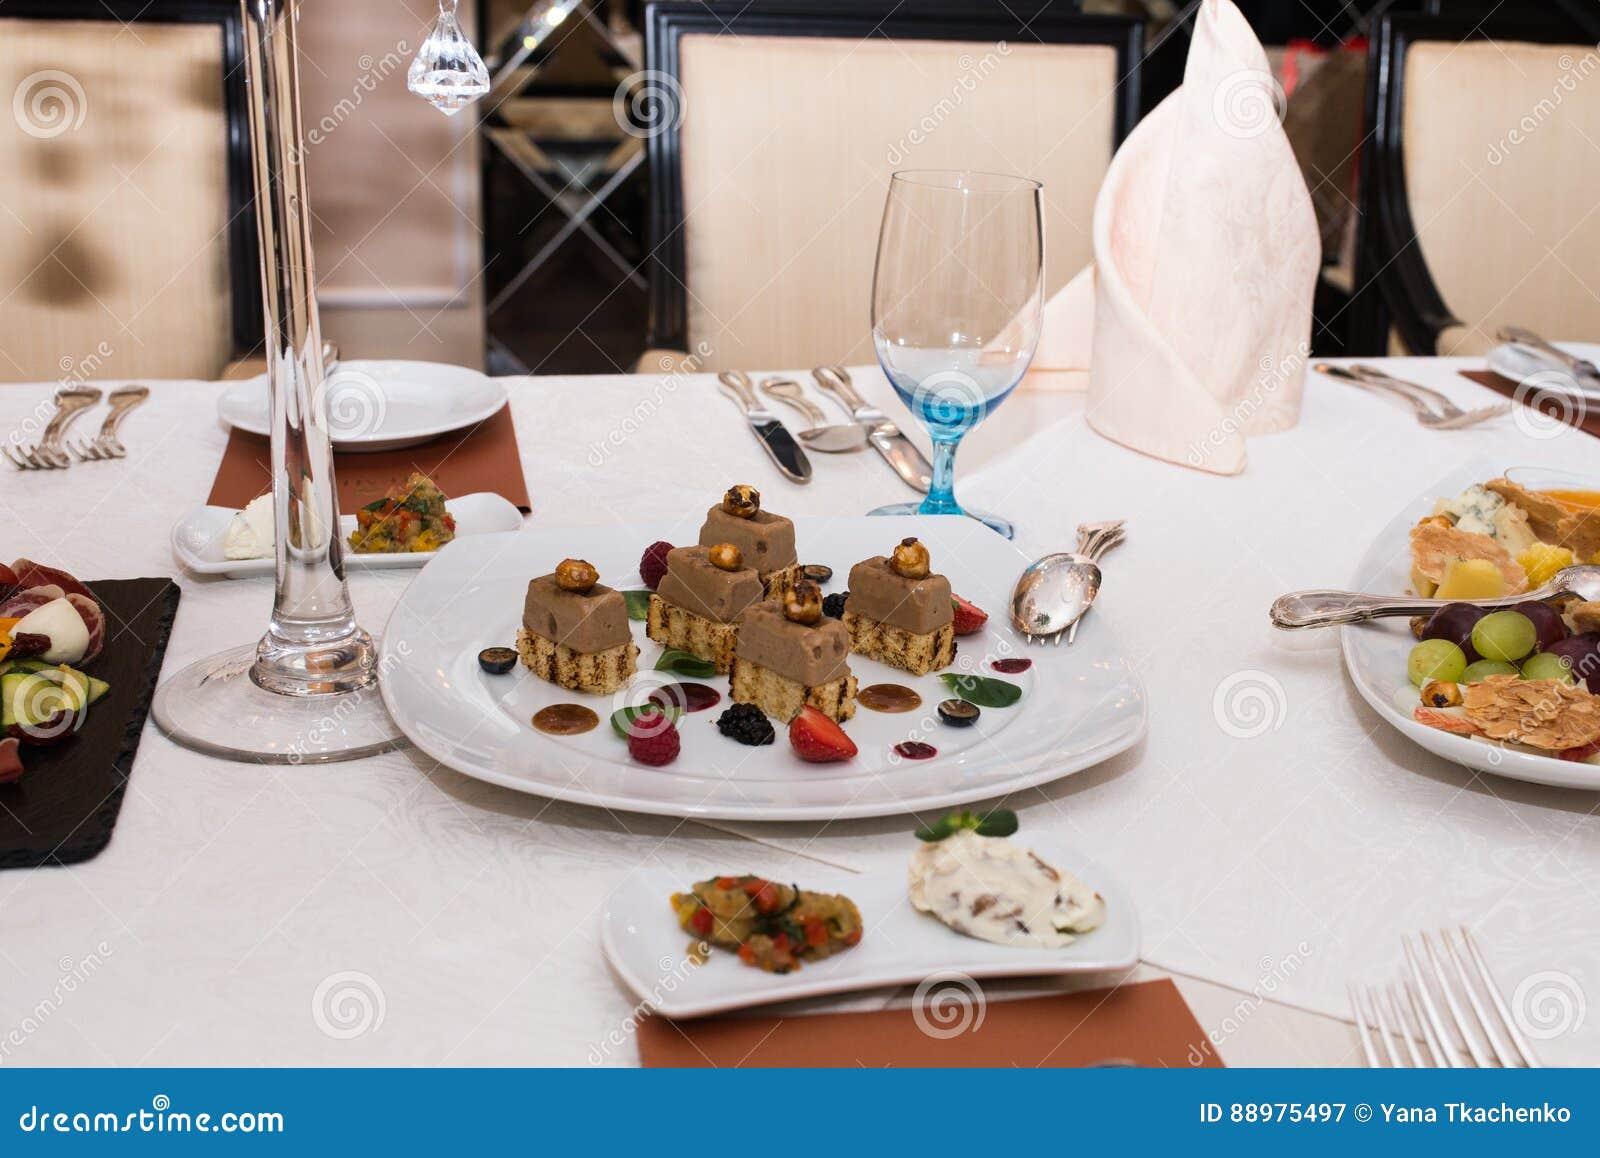 Alimento apetitoso em uma tabela de banquete